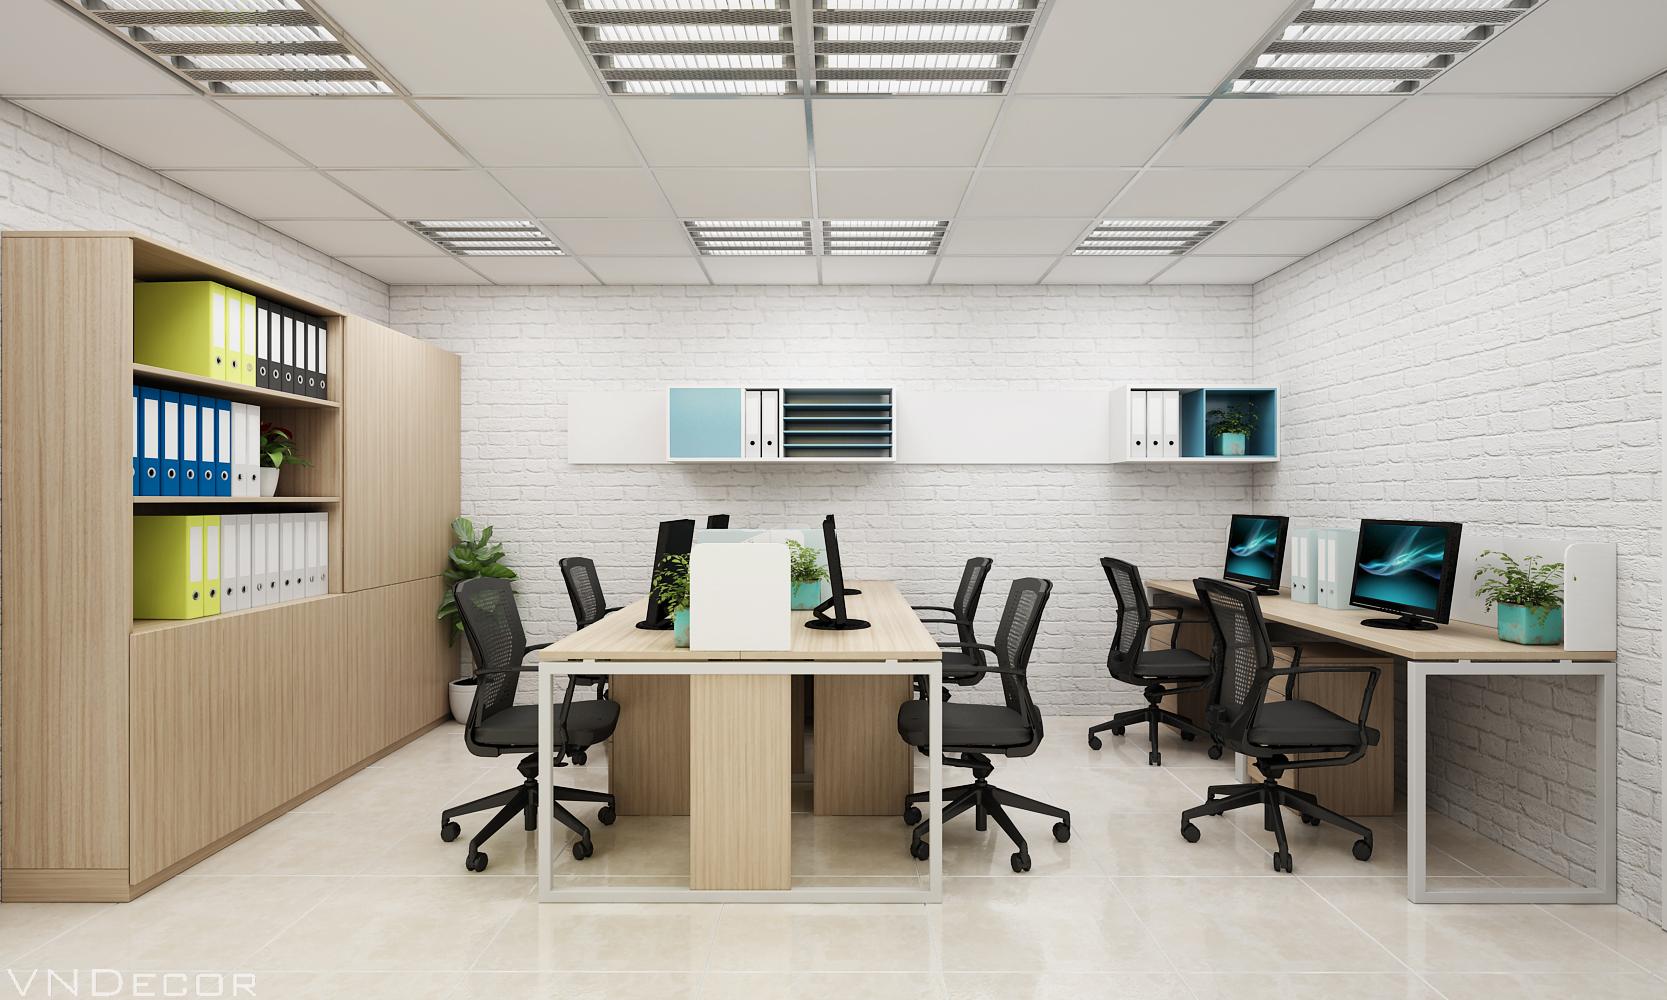 Thi công nội thất văn phòng chuyên nghiệp Phong-nhan-vien